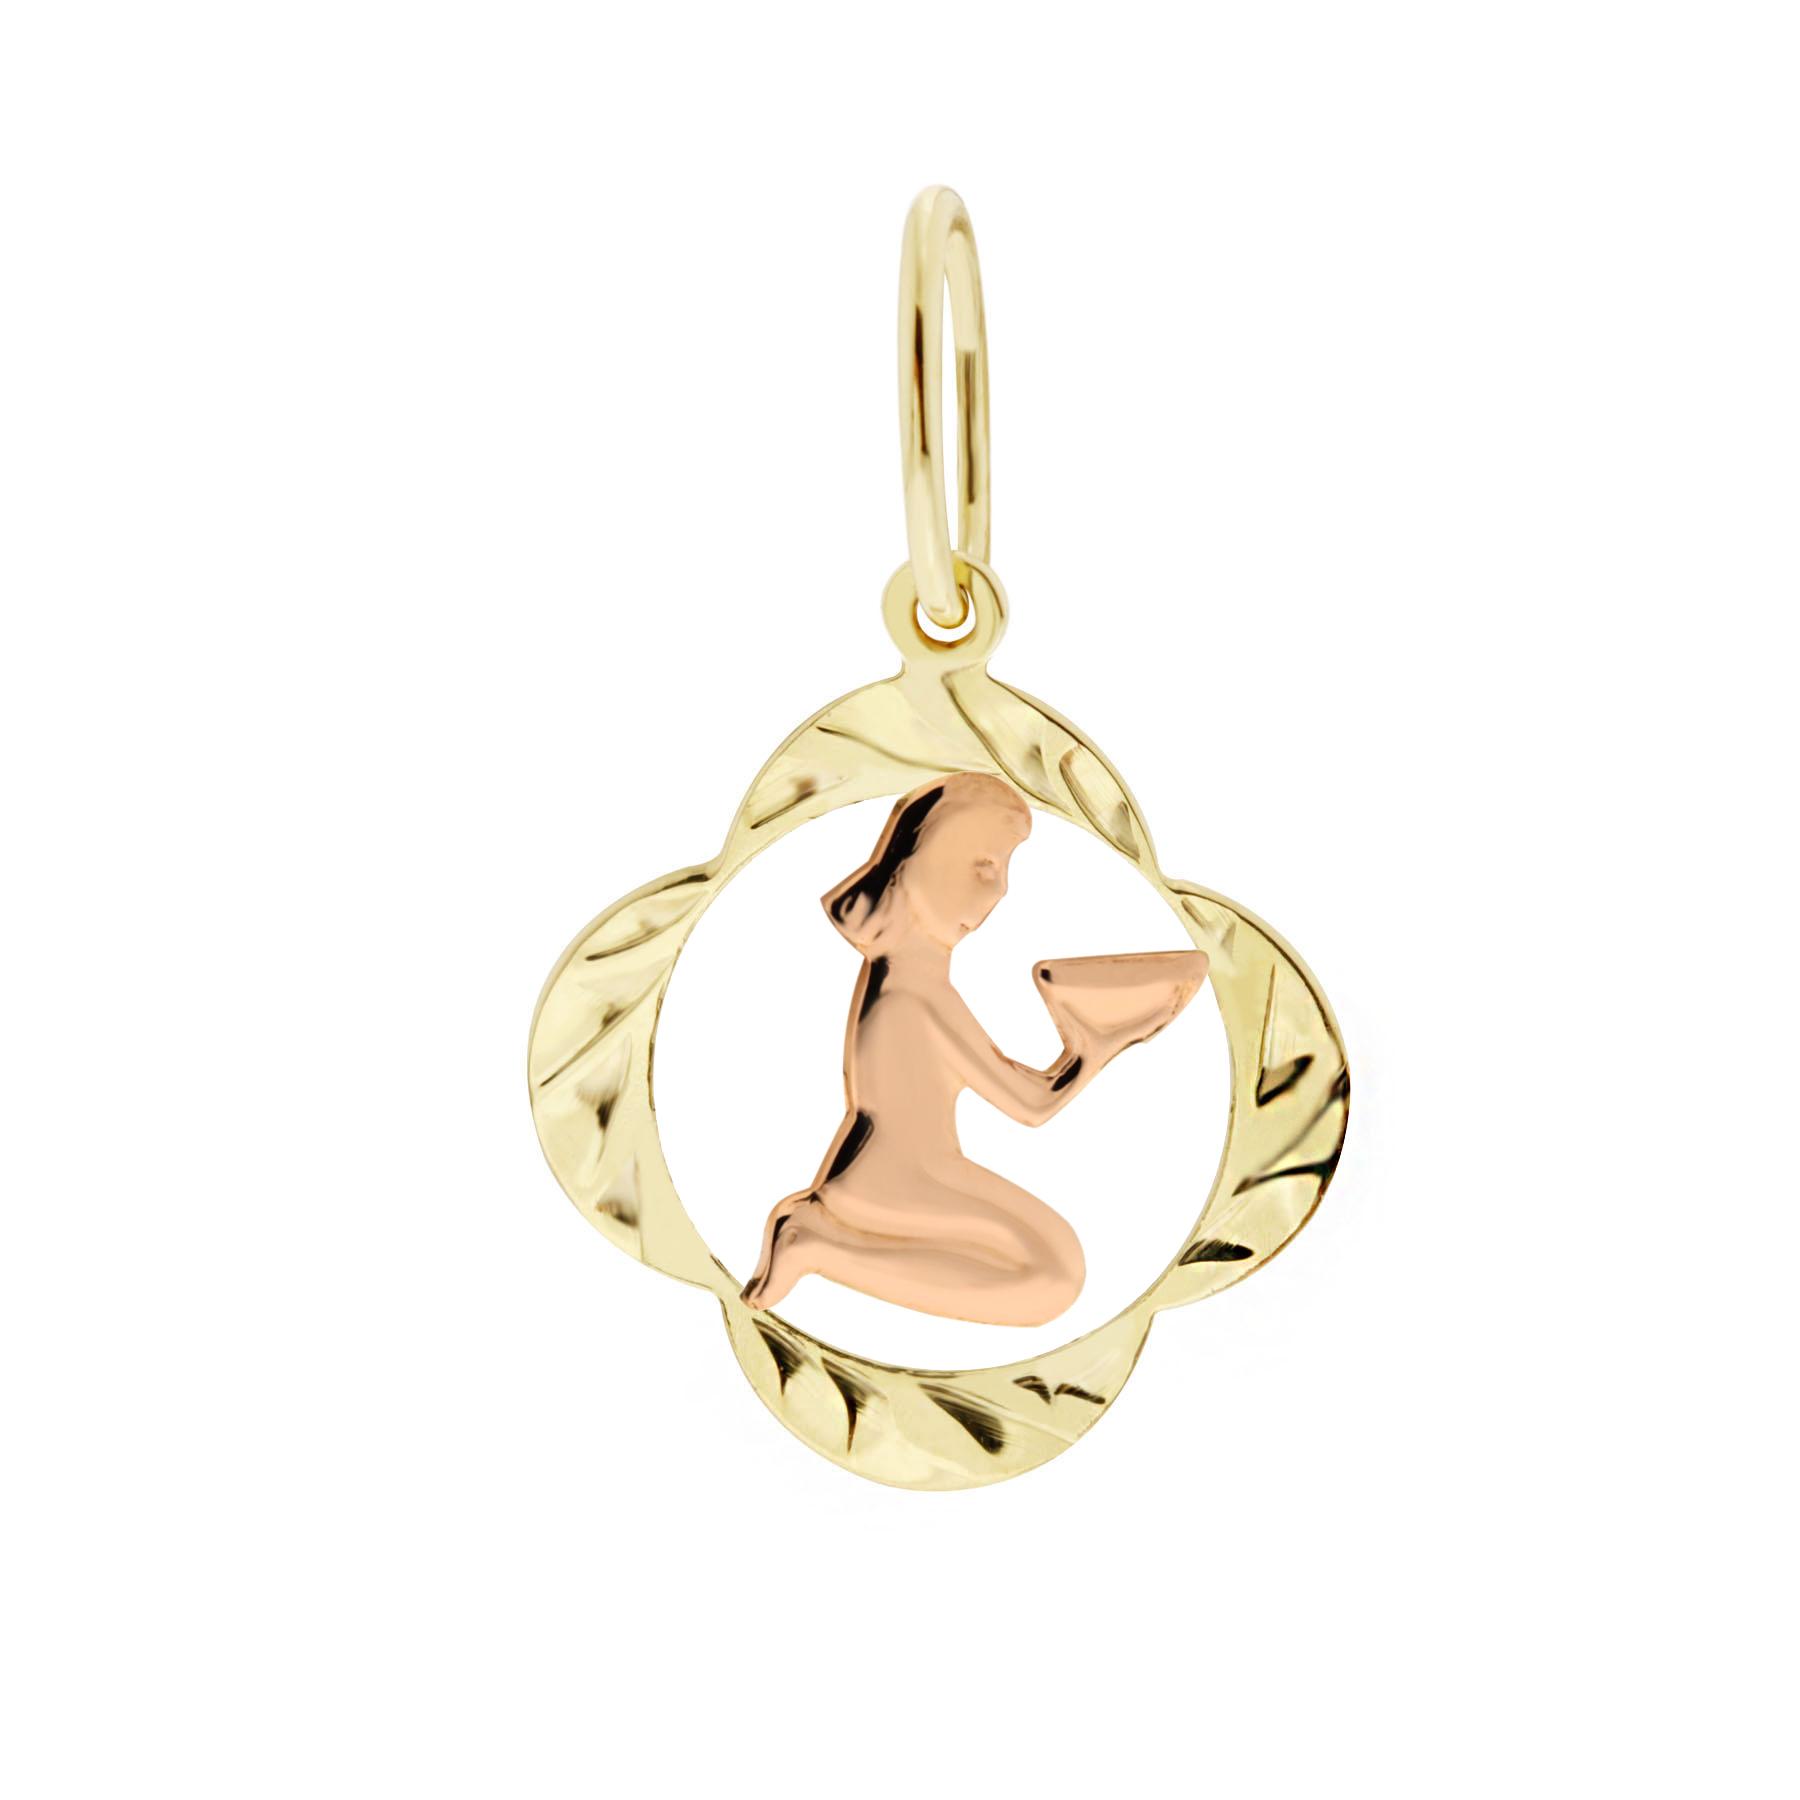 Zlatý přívěsek - znamení zvěrokruhu Panna Tvar: Čtyřlístek, rytý rámeček